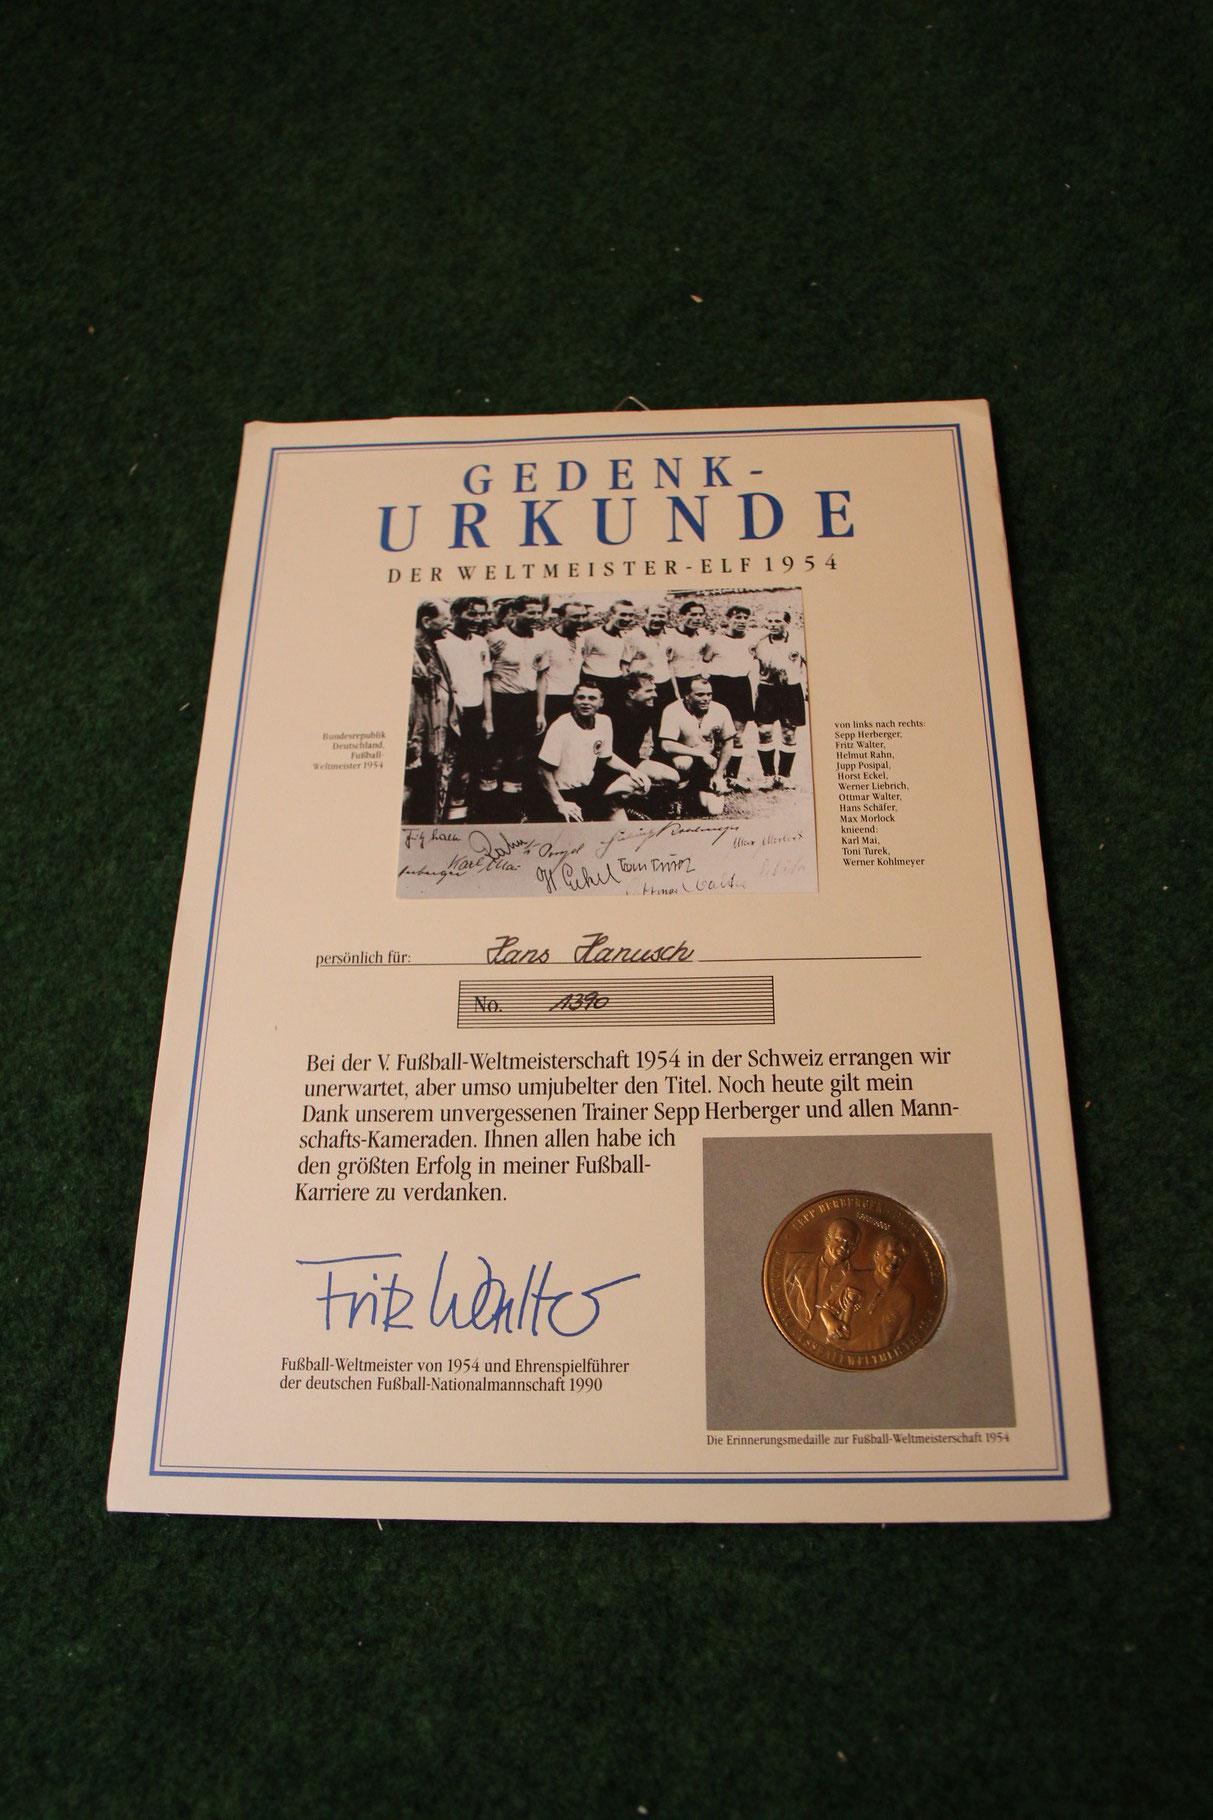 Gedenkurkunde mit den gedruckten Unterschriften der Weltmeister von 1954 inkl. Sammelmünte. Das Pendant zur original unterschriebenen.